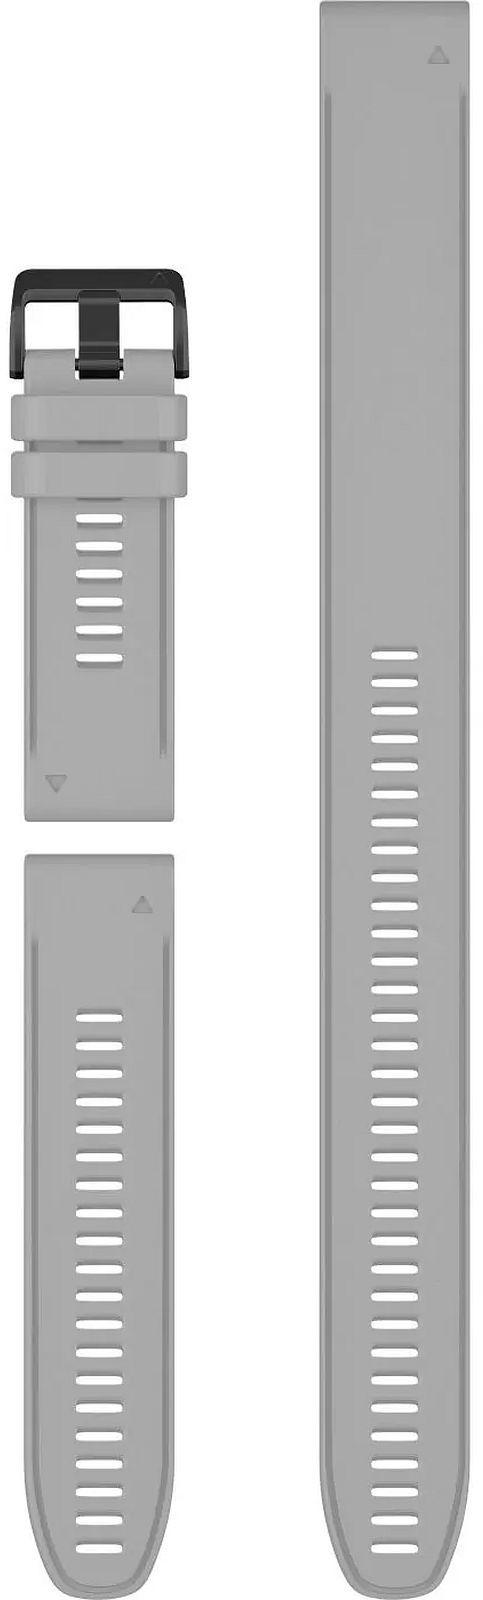 Pasek Garmin QuickFit  Delta, Descent, Enduro, Fenix, Quatix, Tactix 26 mm